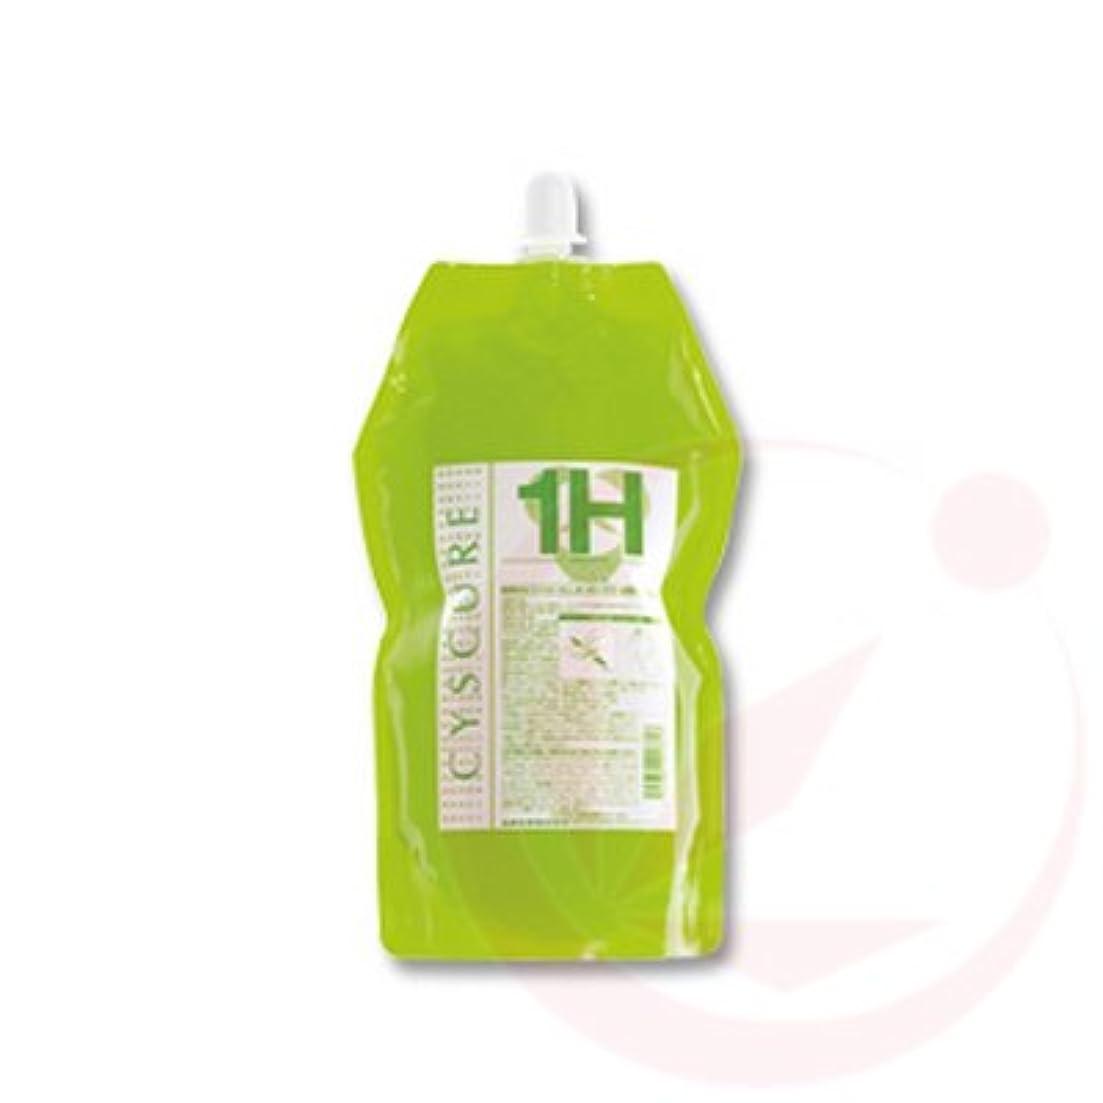 軸からヒットタマリス シスキュア1H 1000g (パーマ剤/1剤)